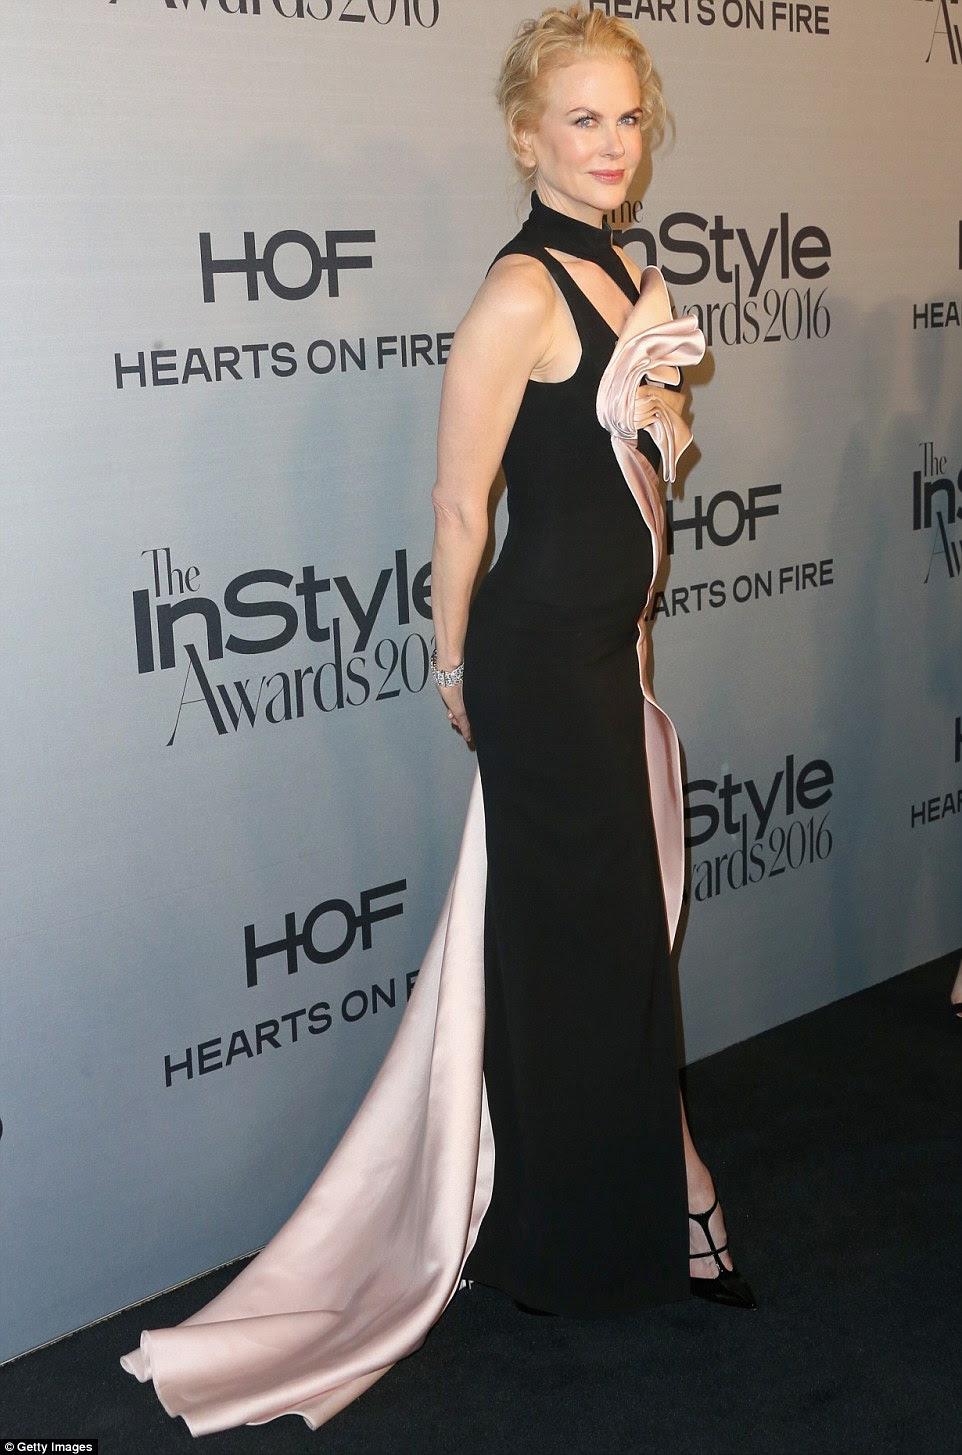 Incomum: A atriz se destacou em um vestido preto e rosa com um ousado fenda de um lado